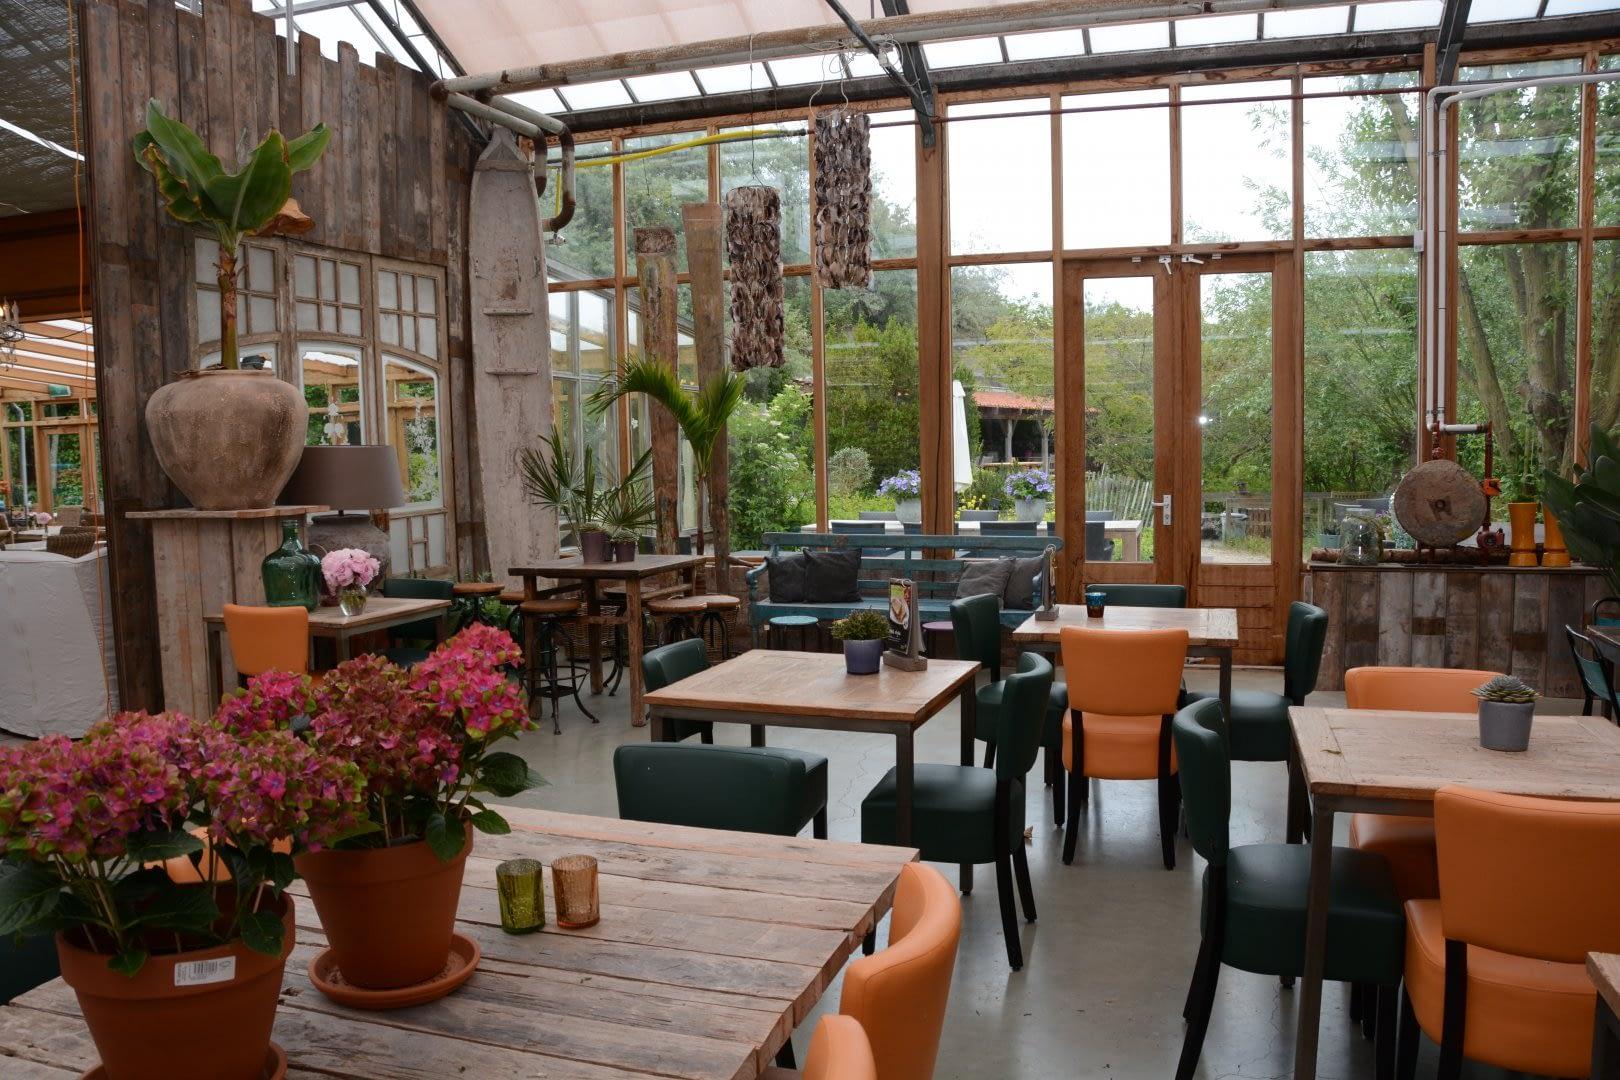 tuincafe met tafels en stoelen van Intratuin 's Gravenzande in het Westland